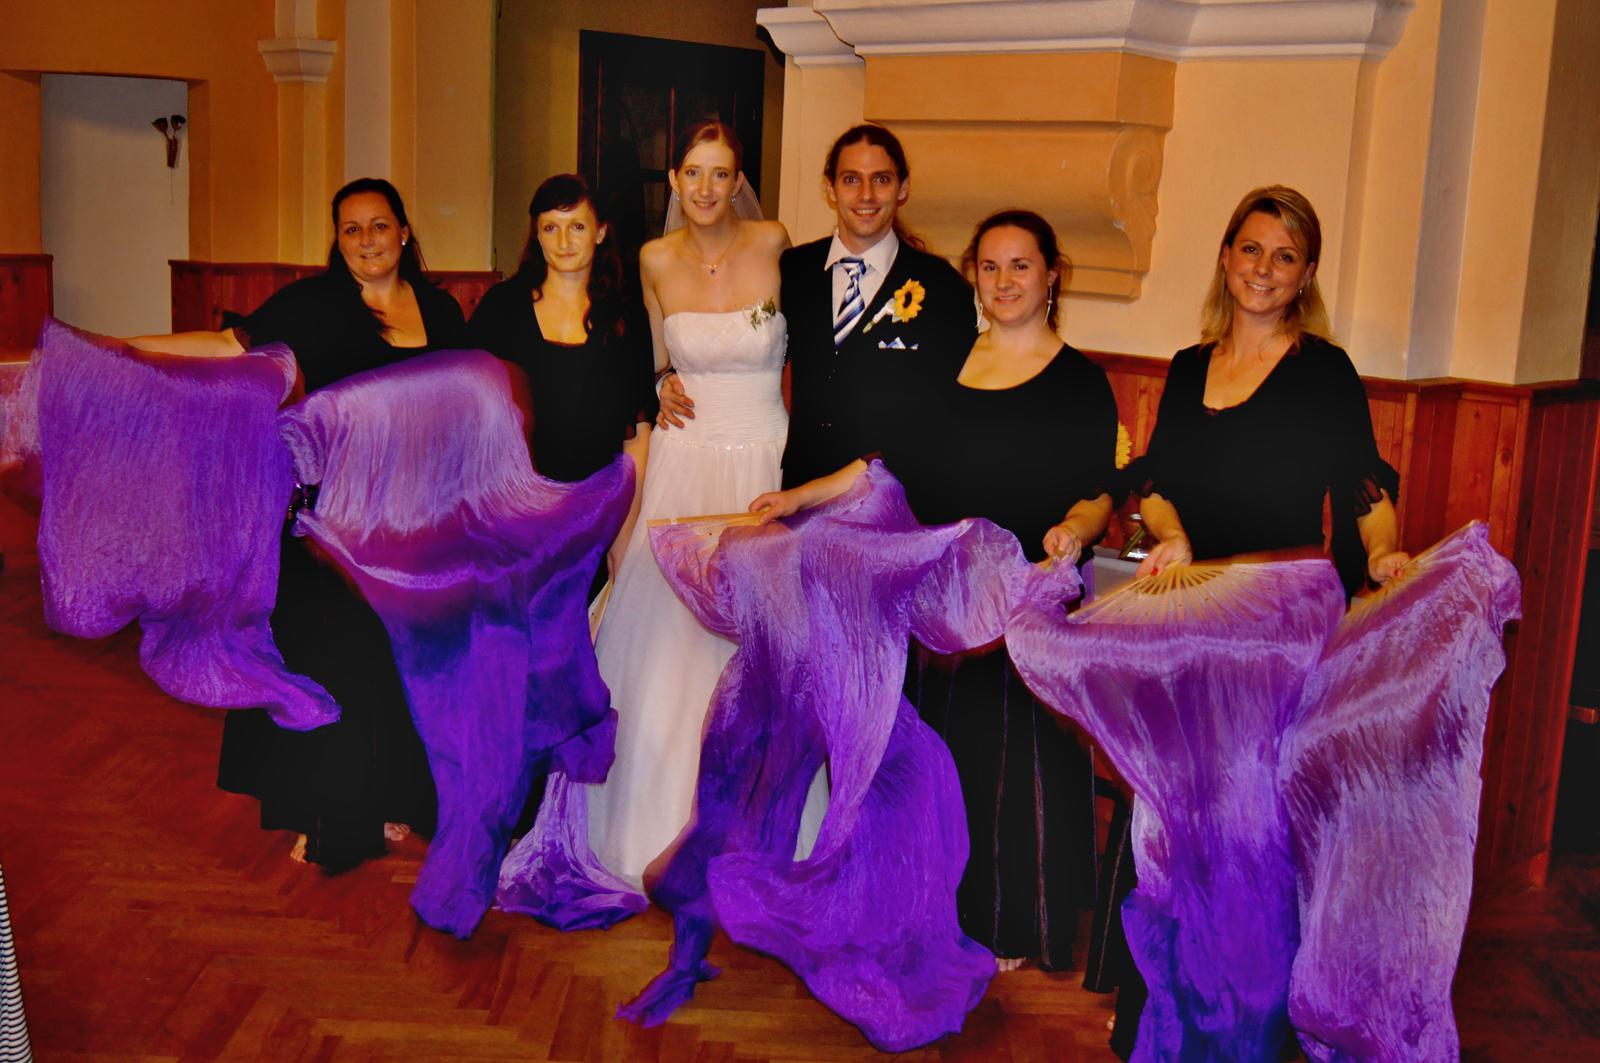 Barča{{_AND_}}Petr - moje sestra (druhá zleva) zajistila kulturní vložku - břišní tanečnice :-)